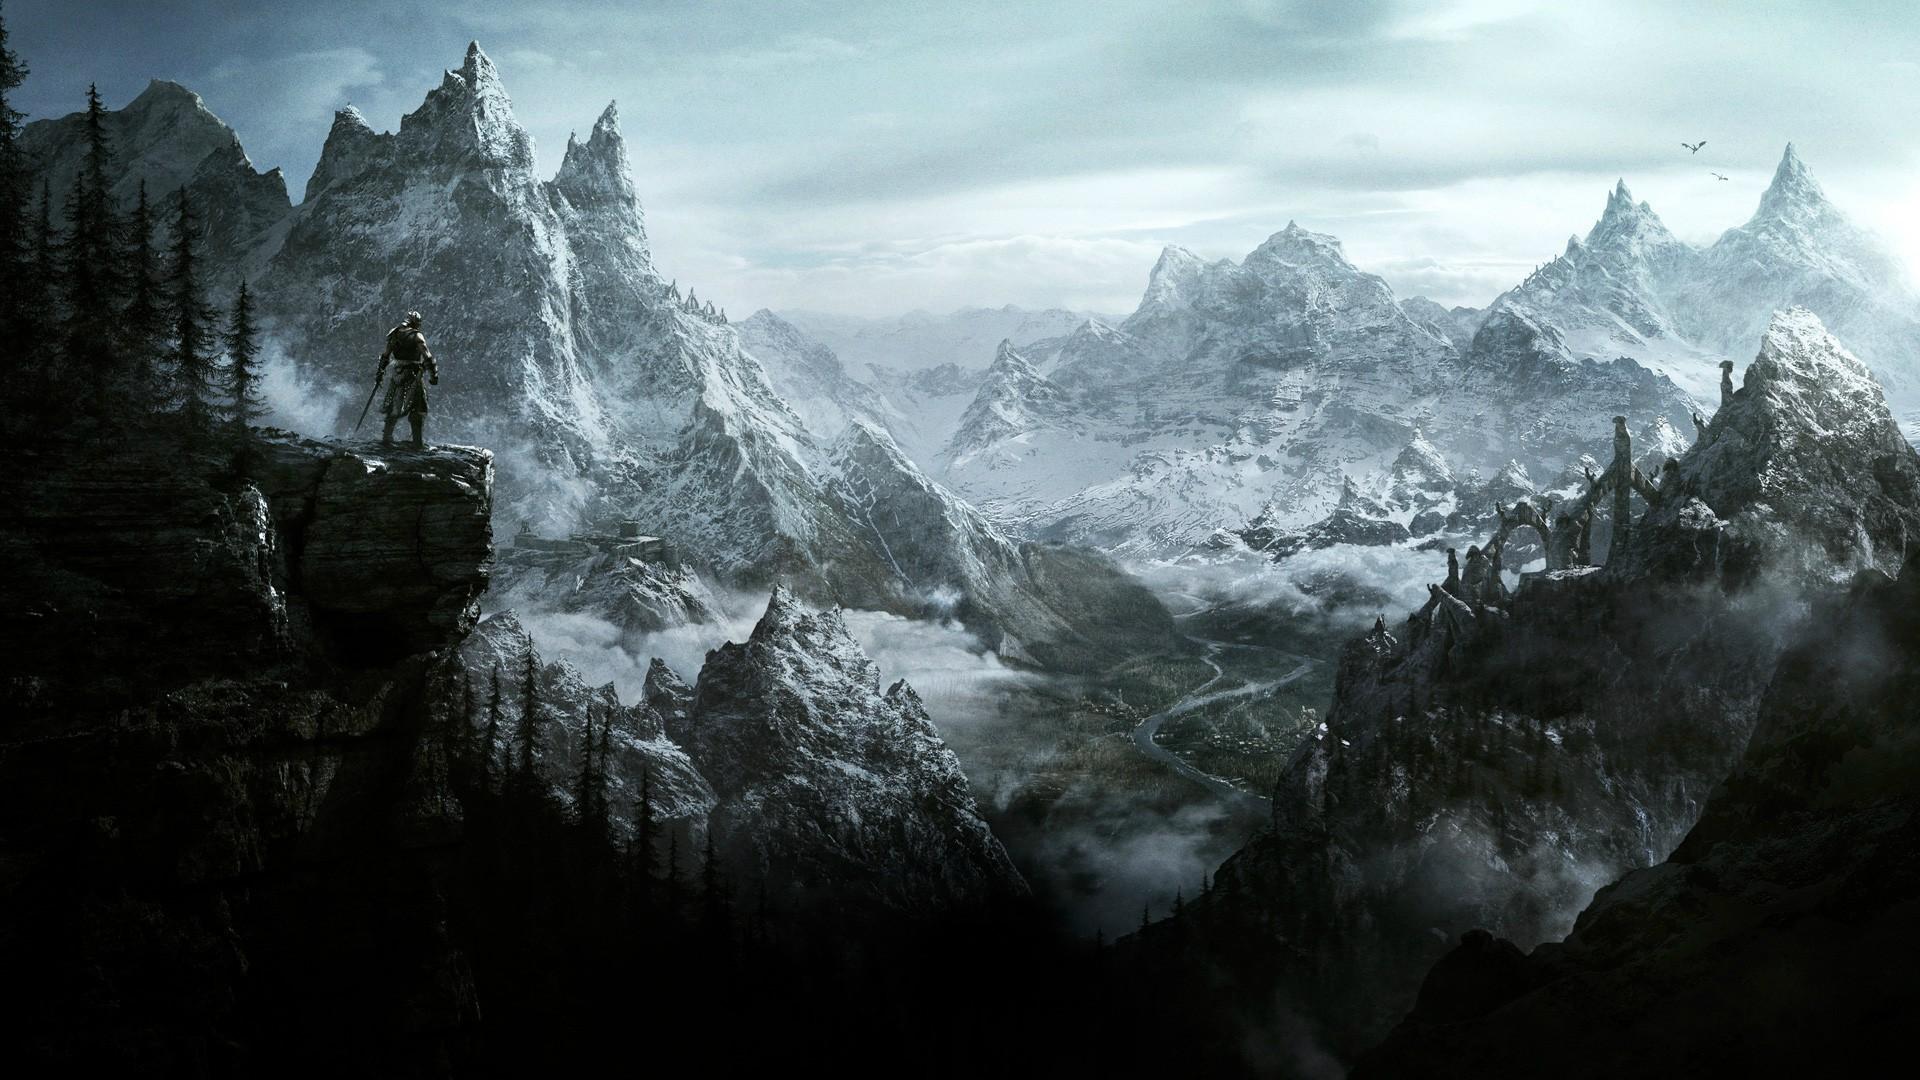 The Elder Scrolls V Skyrim Video Games Dovakhiin Mountain 1920x1080